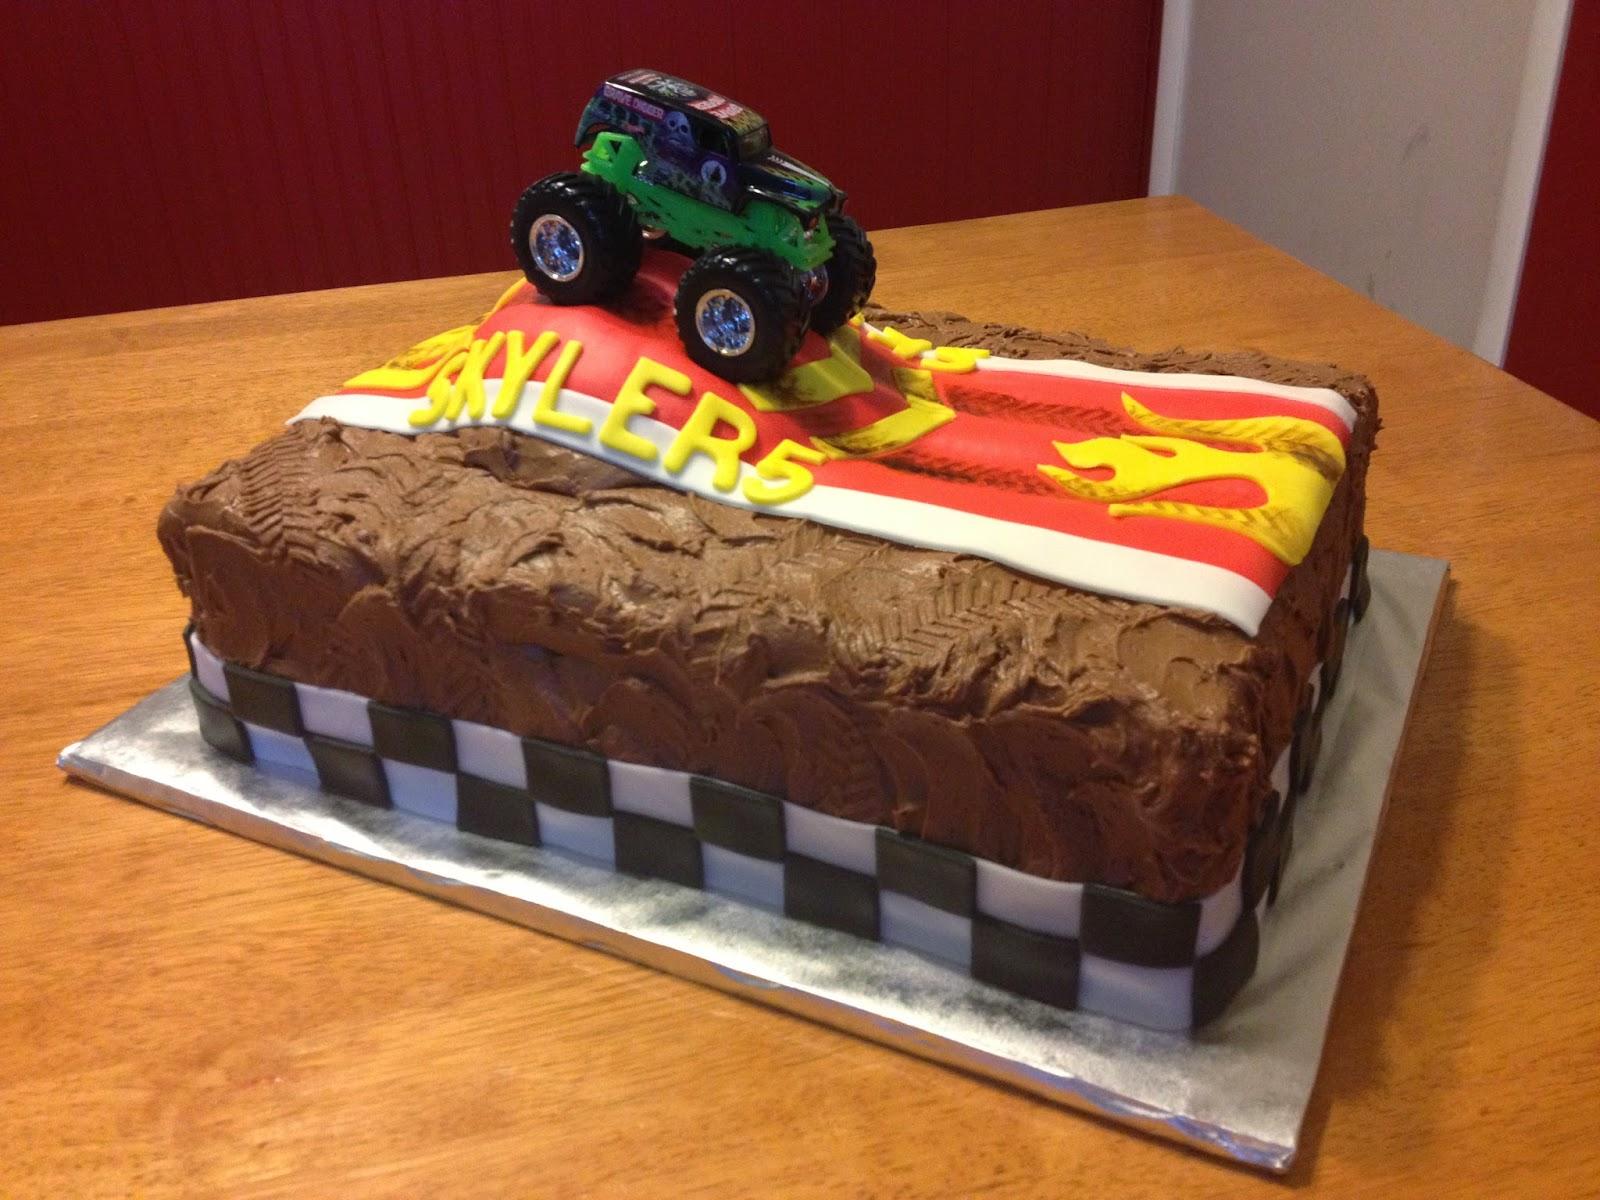 Sugar Love Cake Design Monster Truck Cake 14 sheet